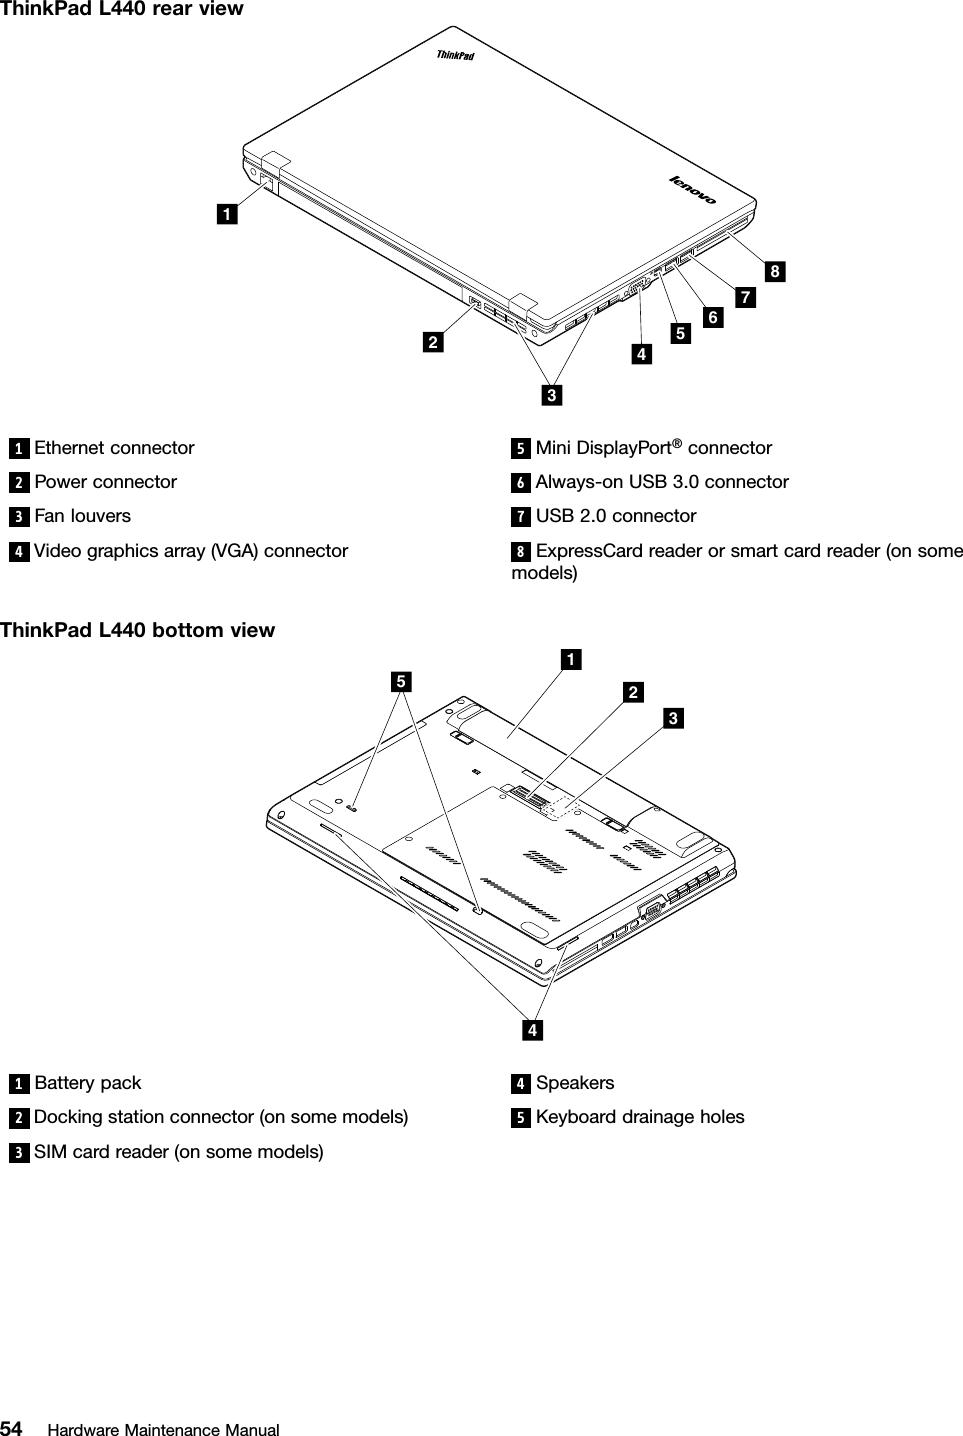 Lenovo L440 L540 Hmm En Sp40A26004 04 User Manual (English